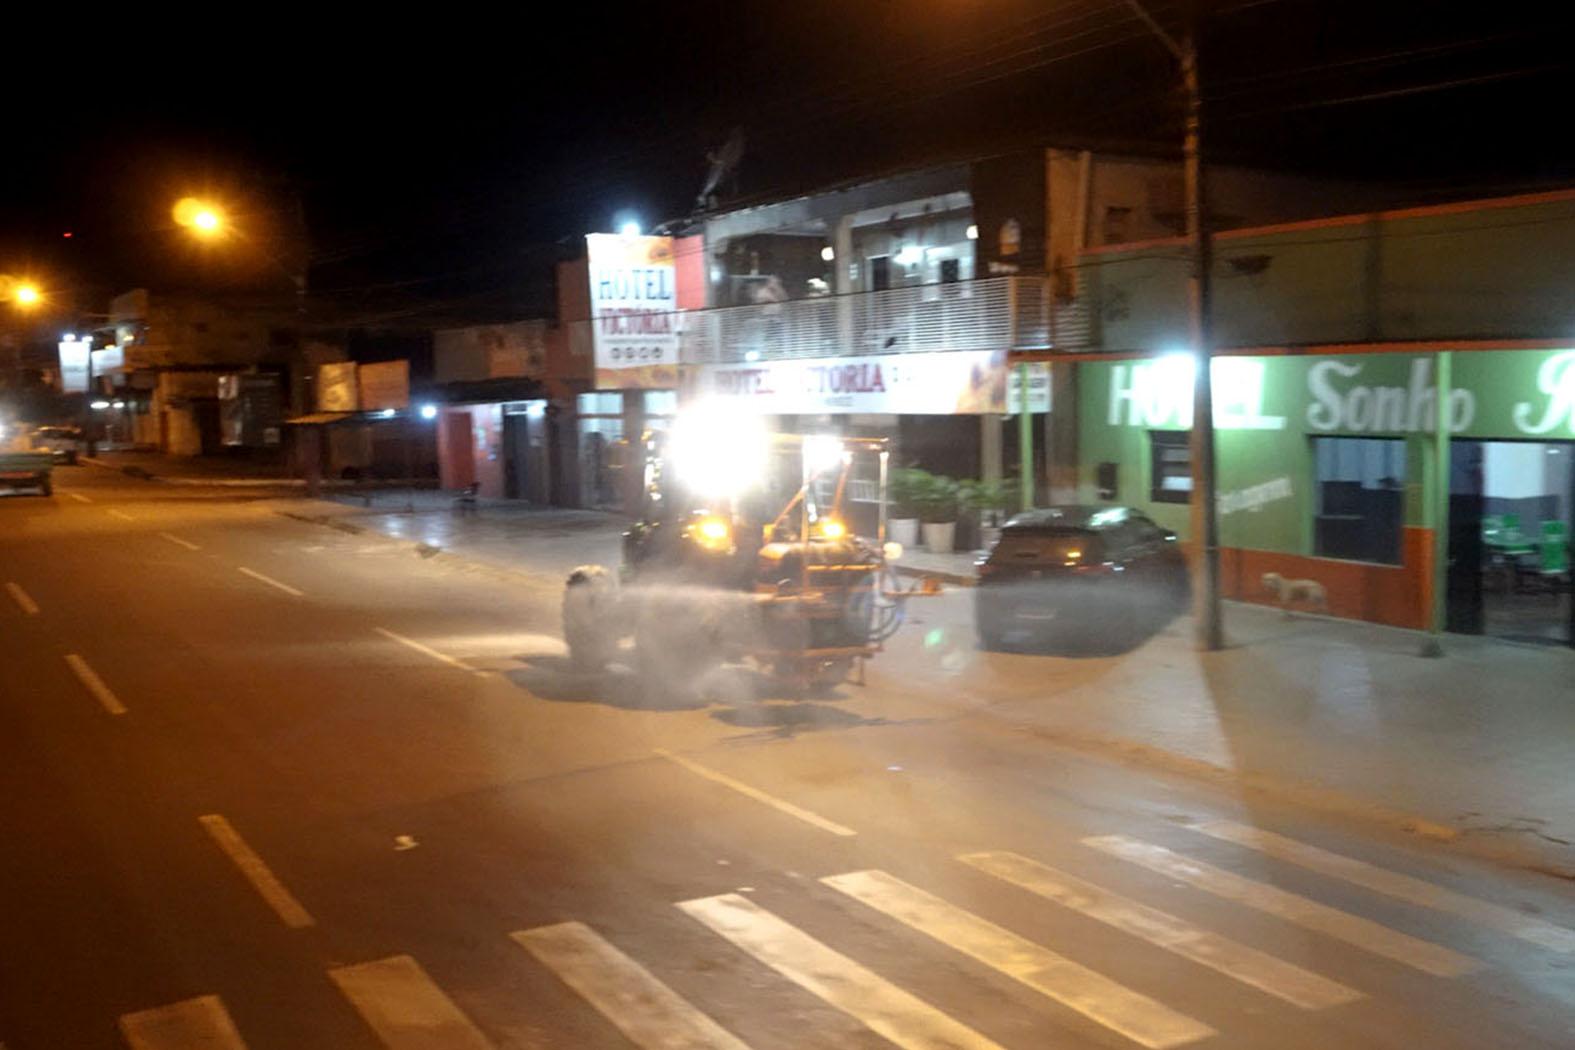 Tocantins e Fortaleza serão as próximas vias a receber desinfecção contra a Covid-19 em Guaraí